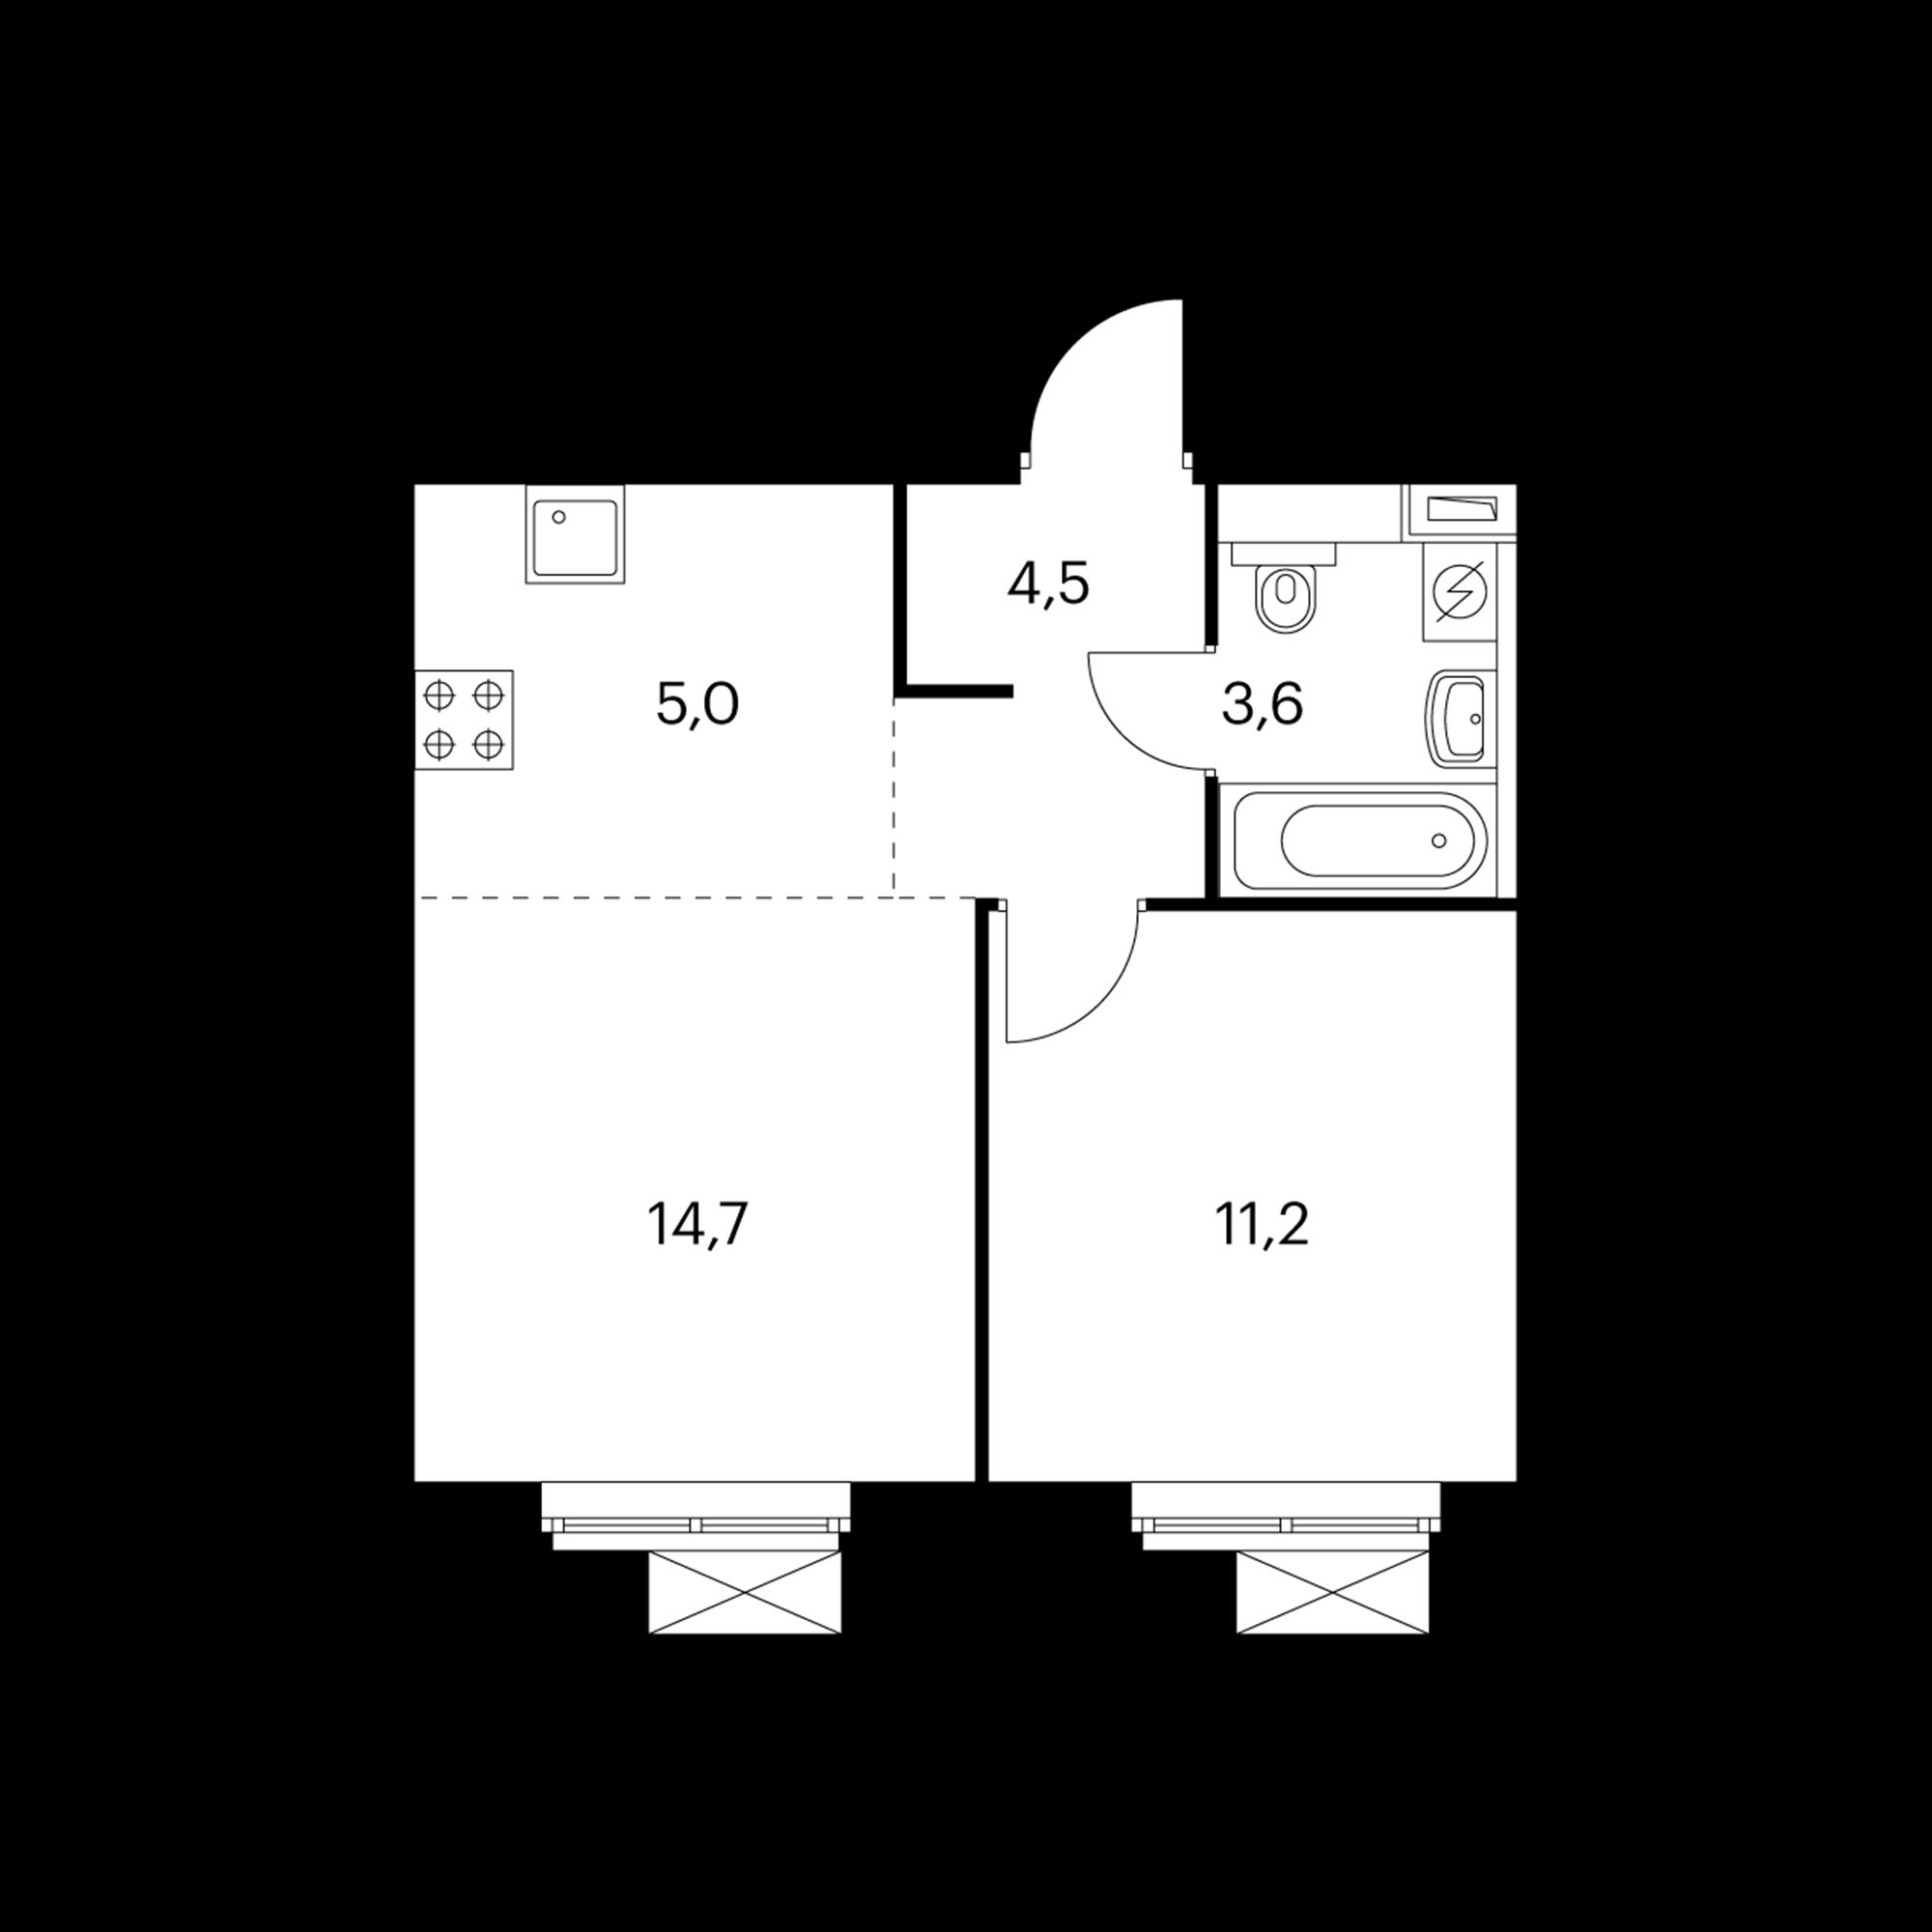 2NS1_6.9-1_S_Z